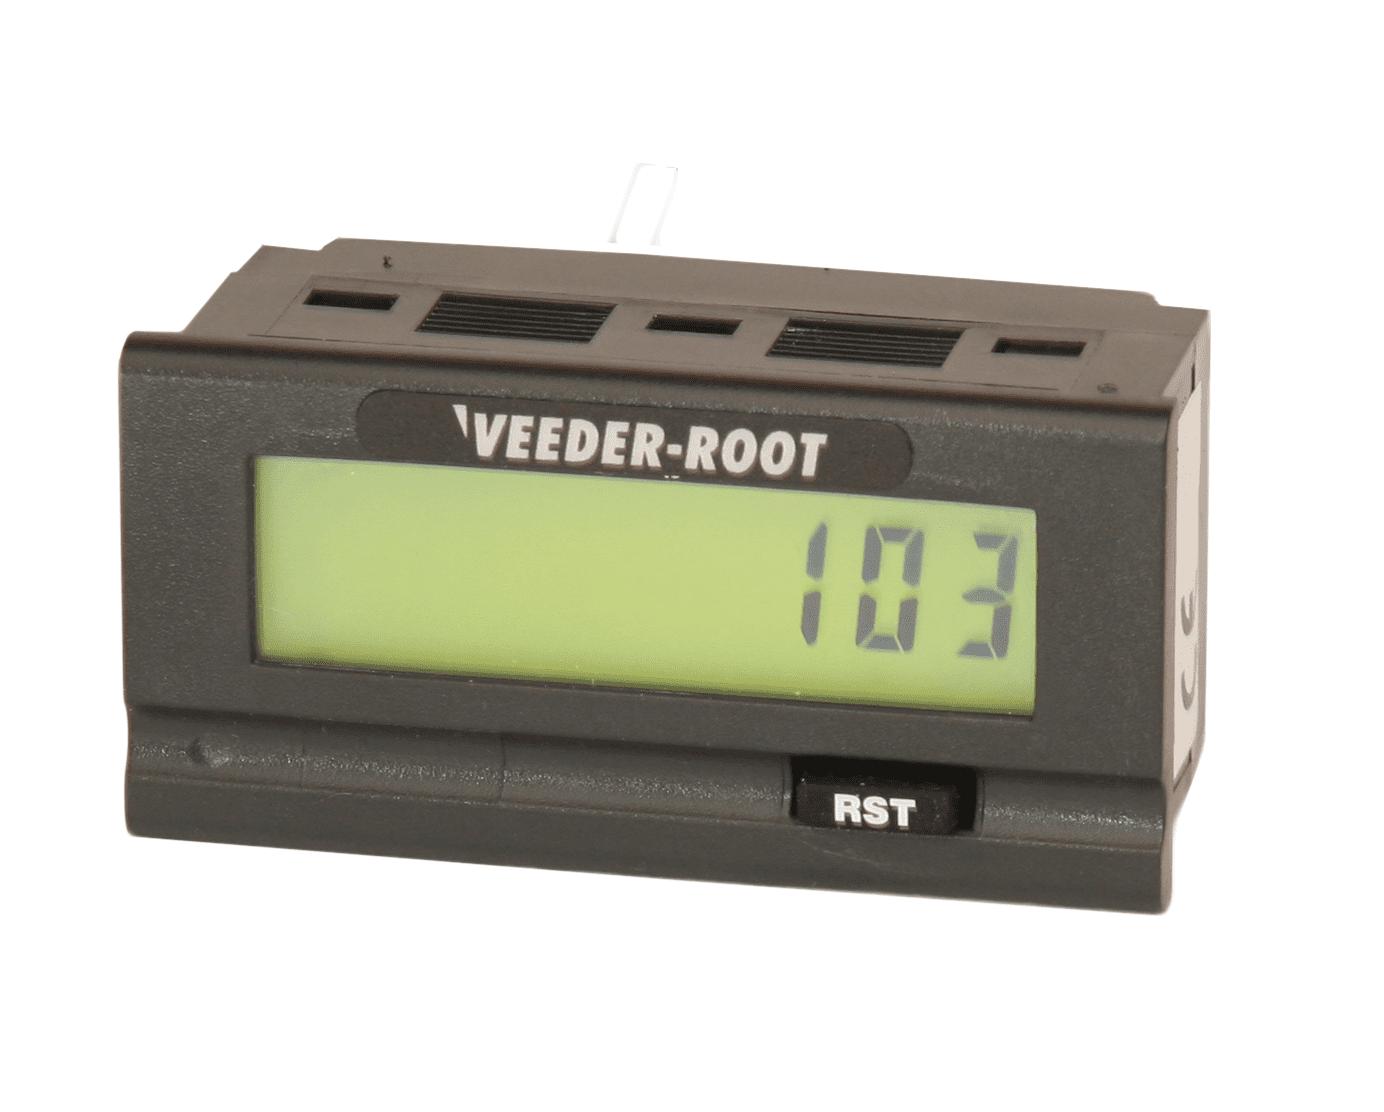 a103 veeder root